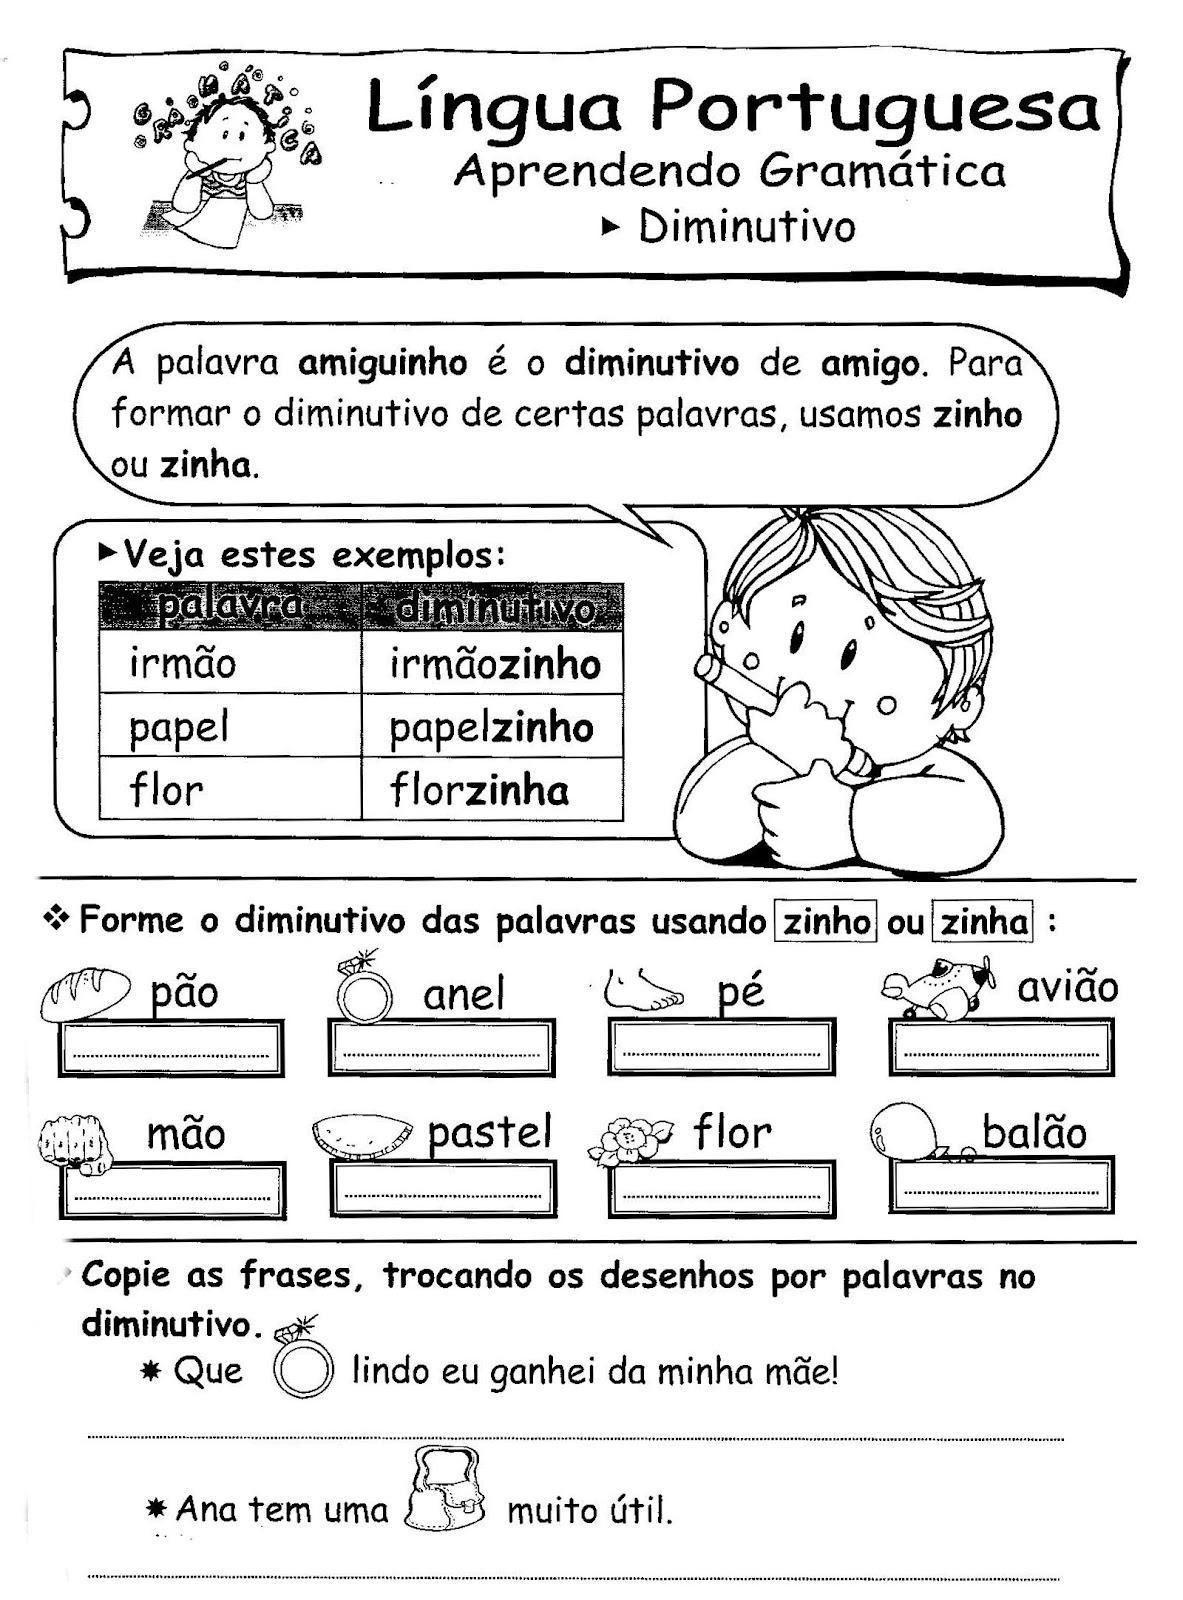 Postado Por Secretaria Munil De Educa    O De Ingazeira   S 05 58